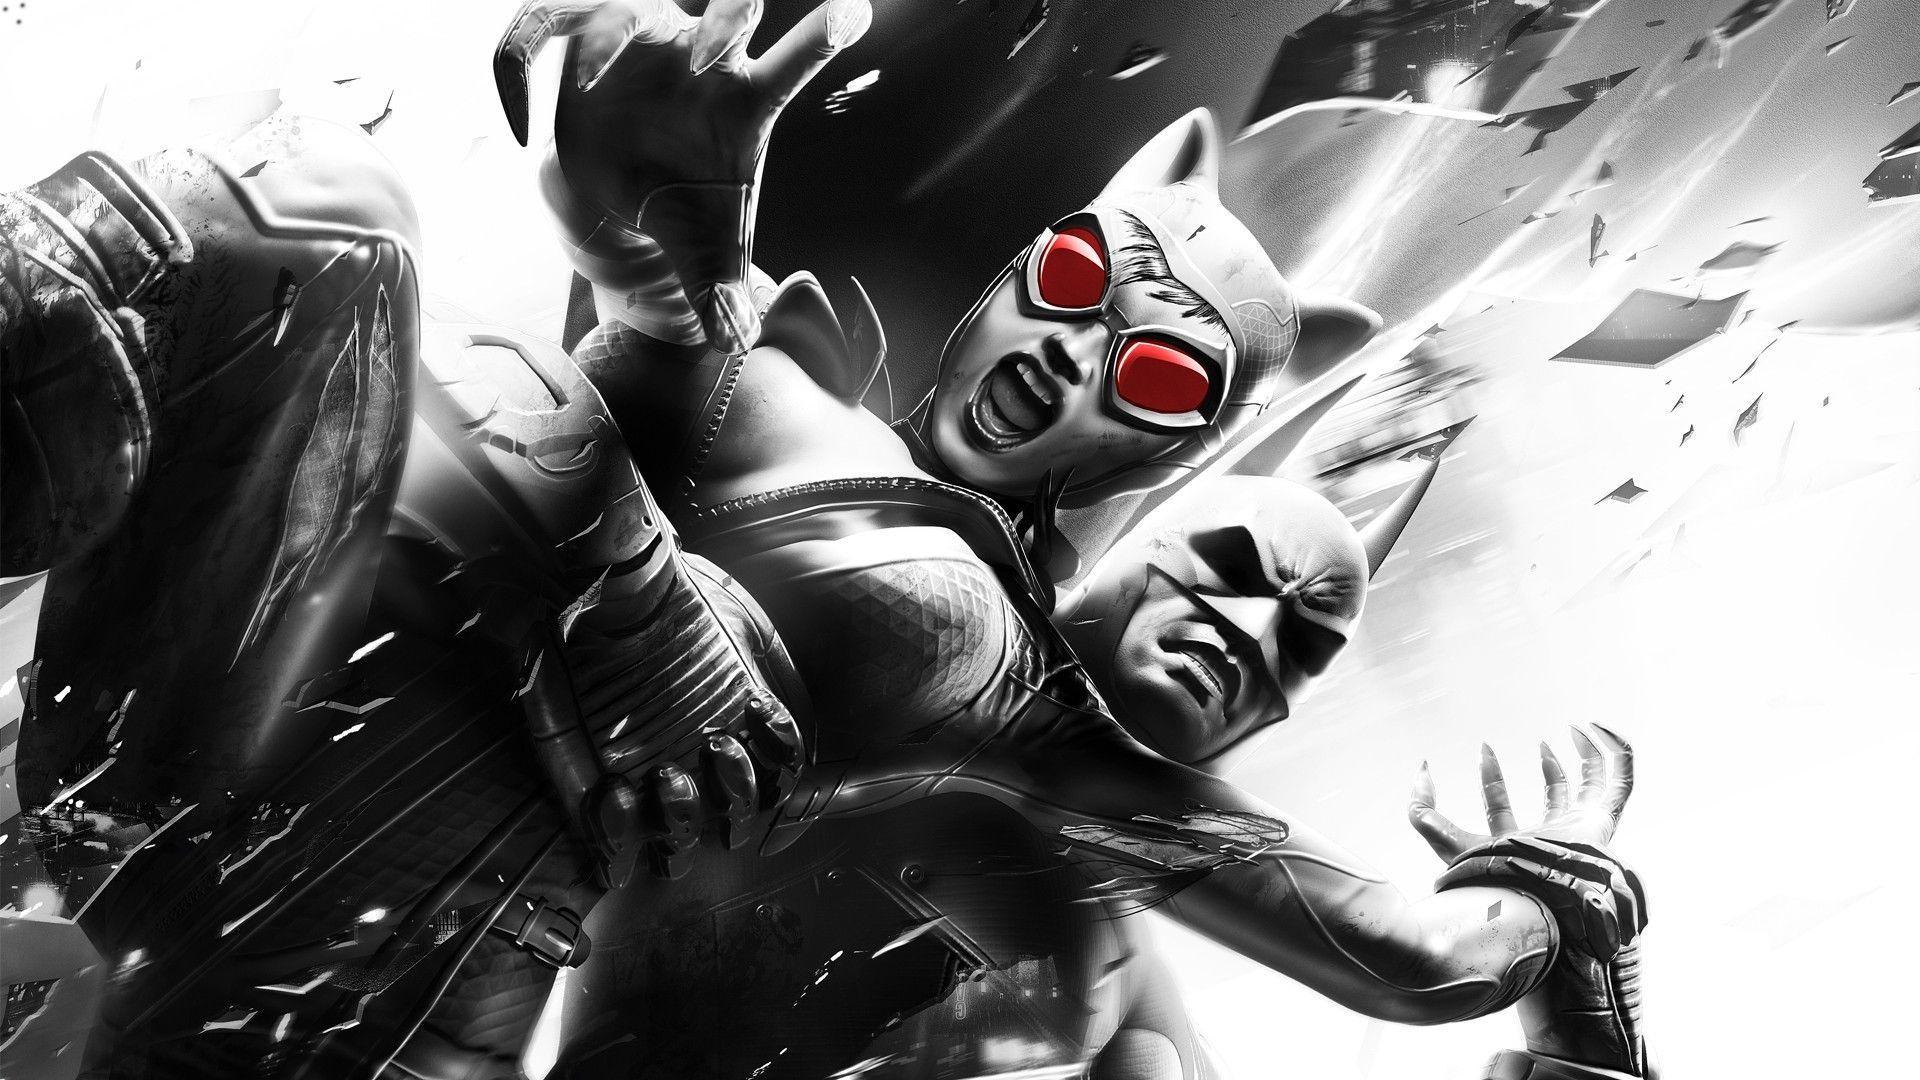 Wallpapers For > Batman Arkham City Riddler Wallpaper Hd